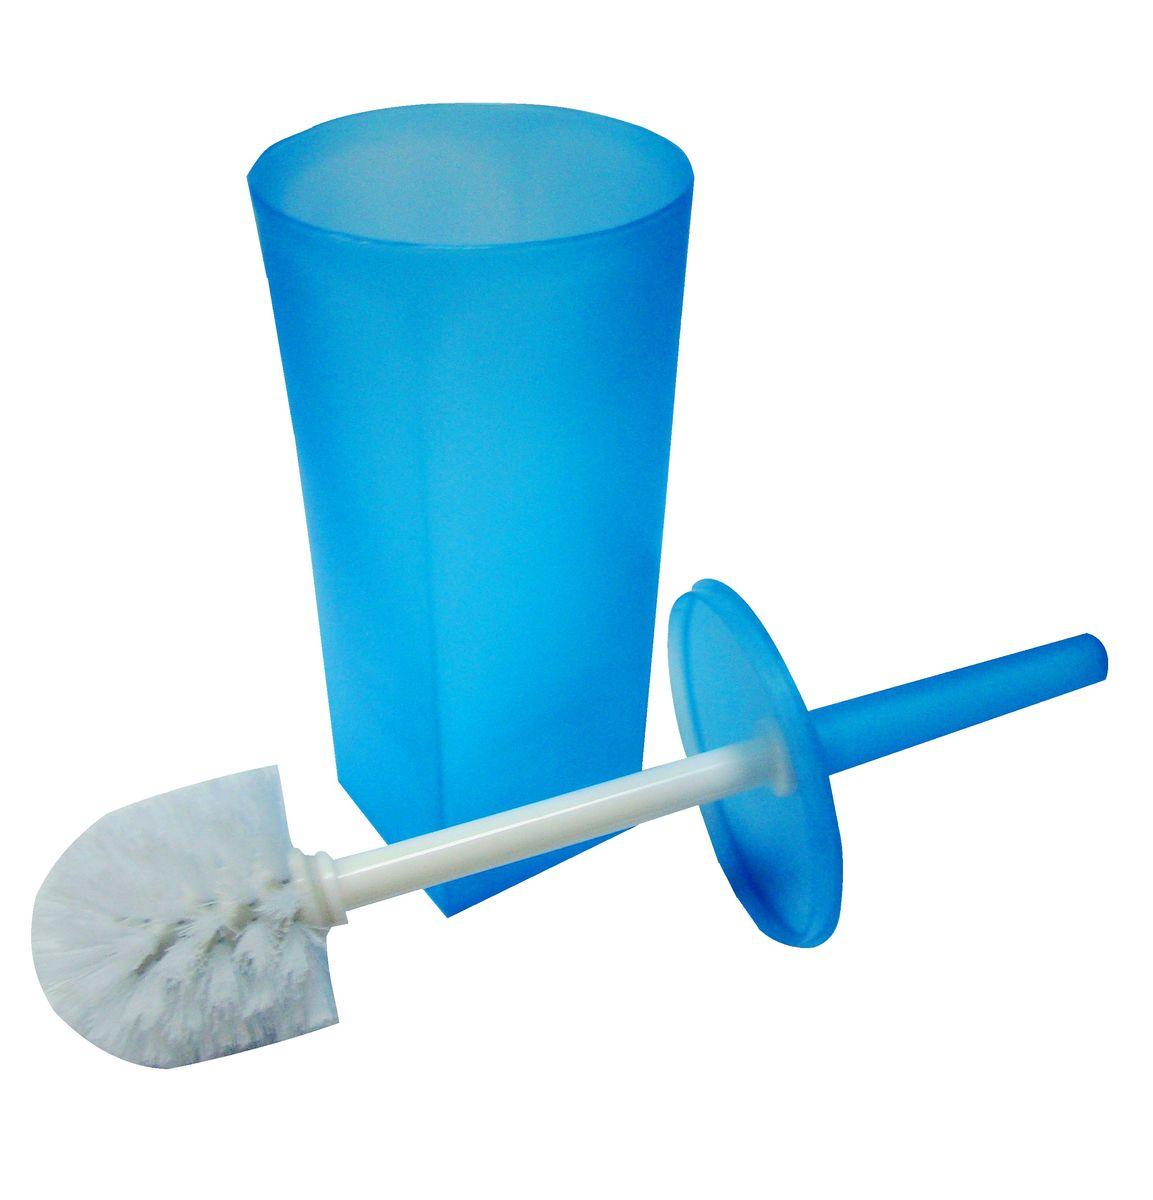 Ершик для унитаза Vanstore Summer Blue, с подставкой, цвет: синий ершик для унитаза vanstore 339 06 оранжевый